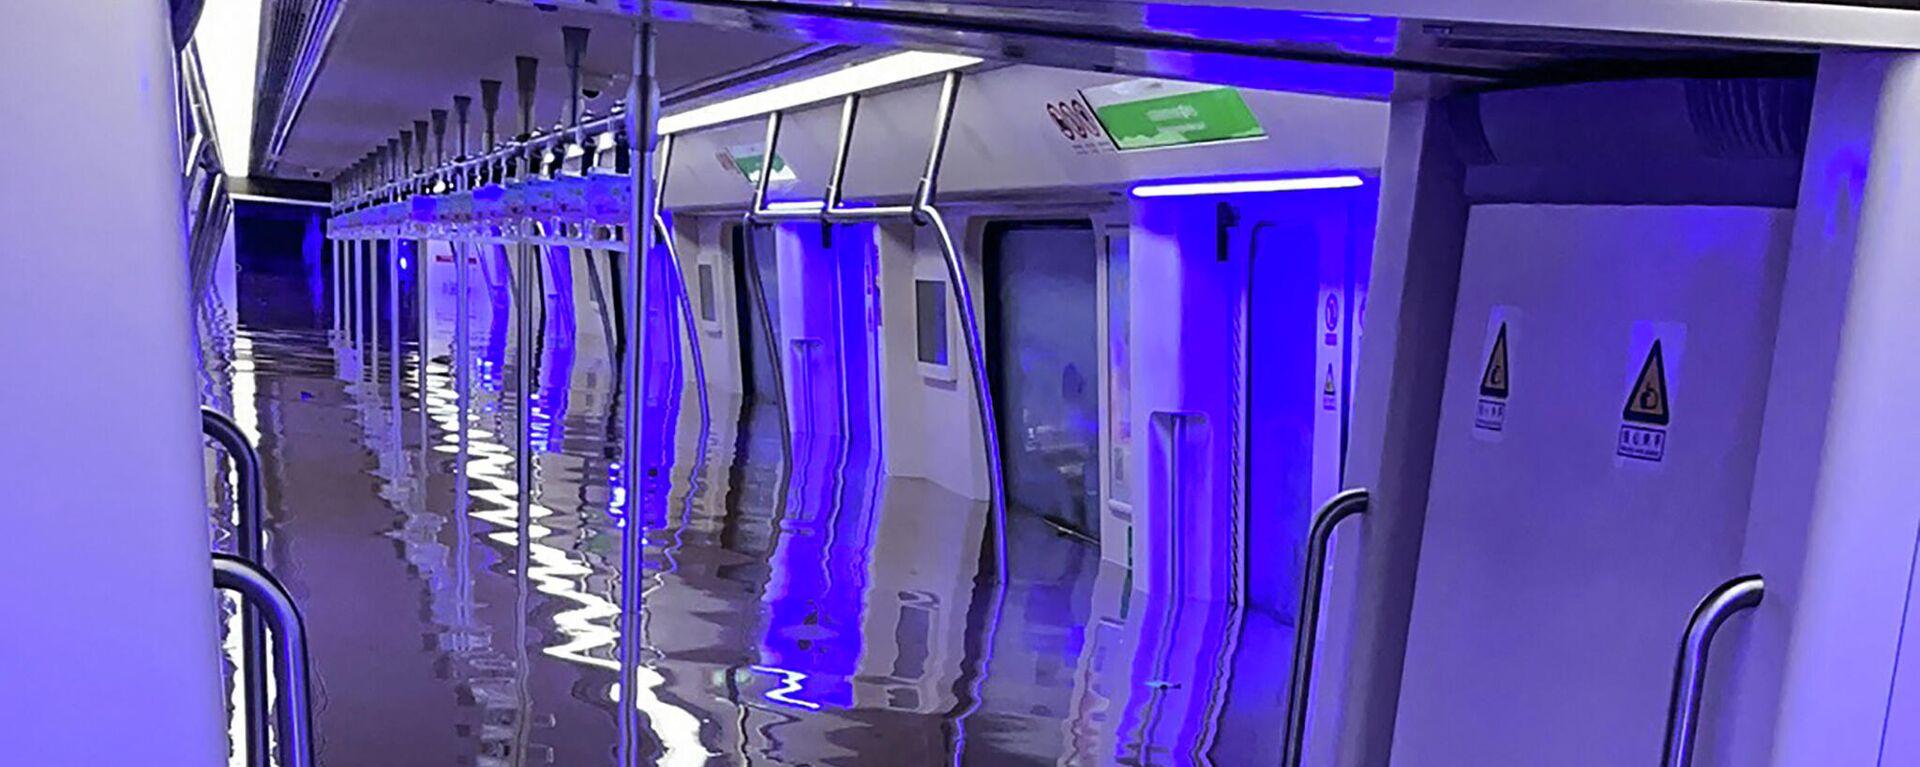 Затонувший вагон метро в Чжэнчжоу в провинции Хэнань в Китае - Sputnik Тоҷикистон, 1920, 21.07.2021